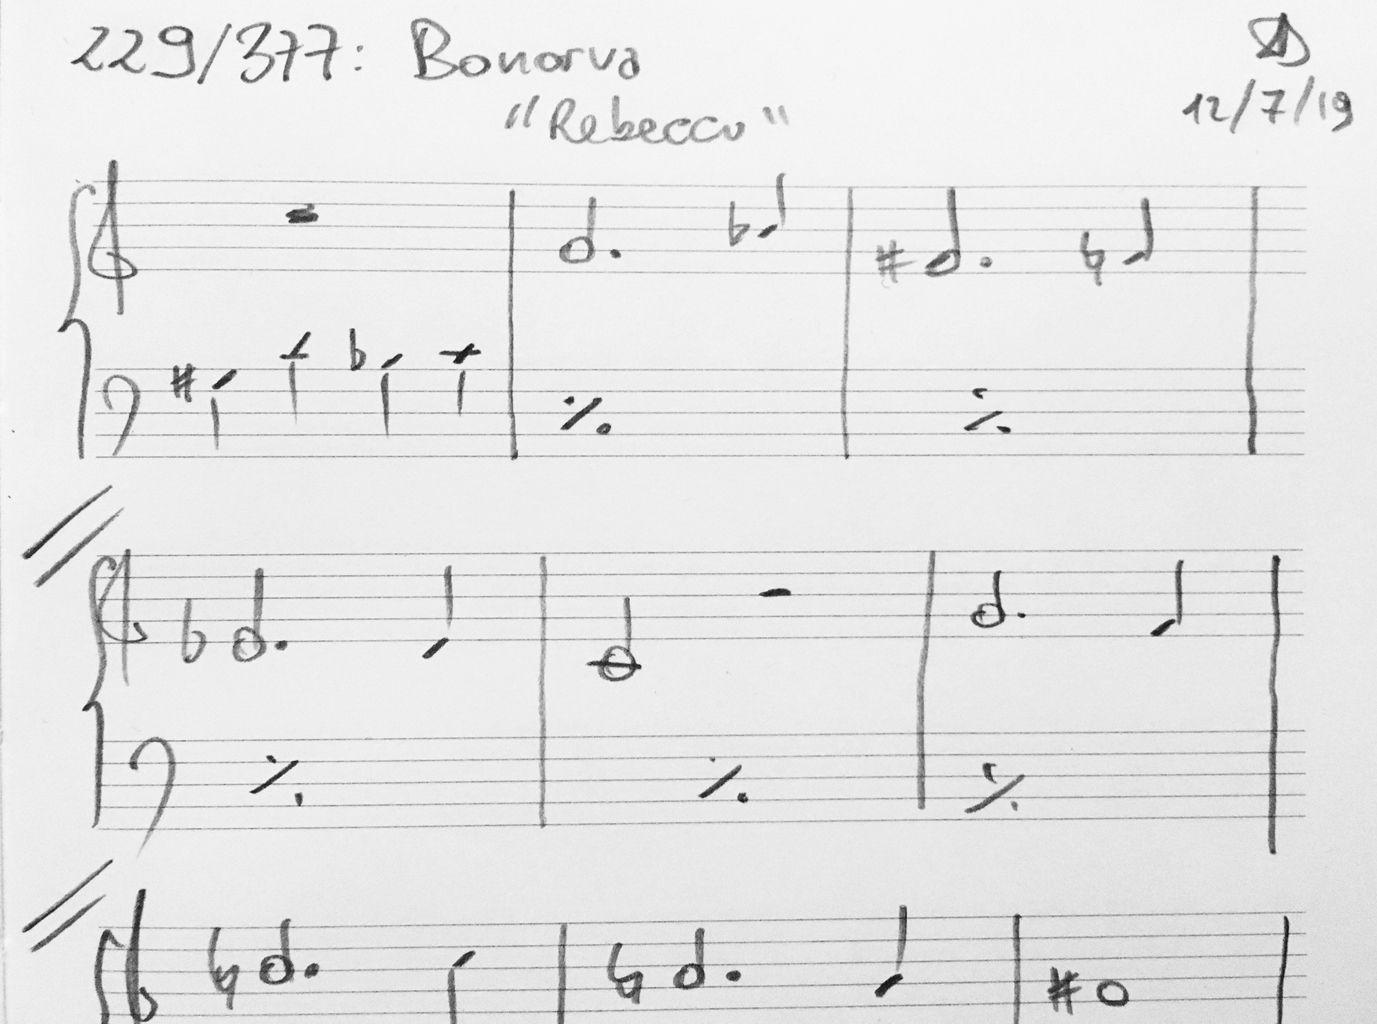 229-Bonorva-score